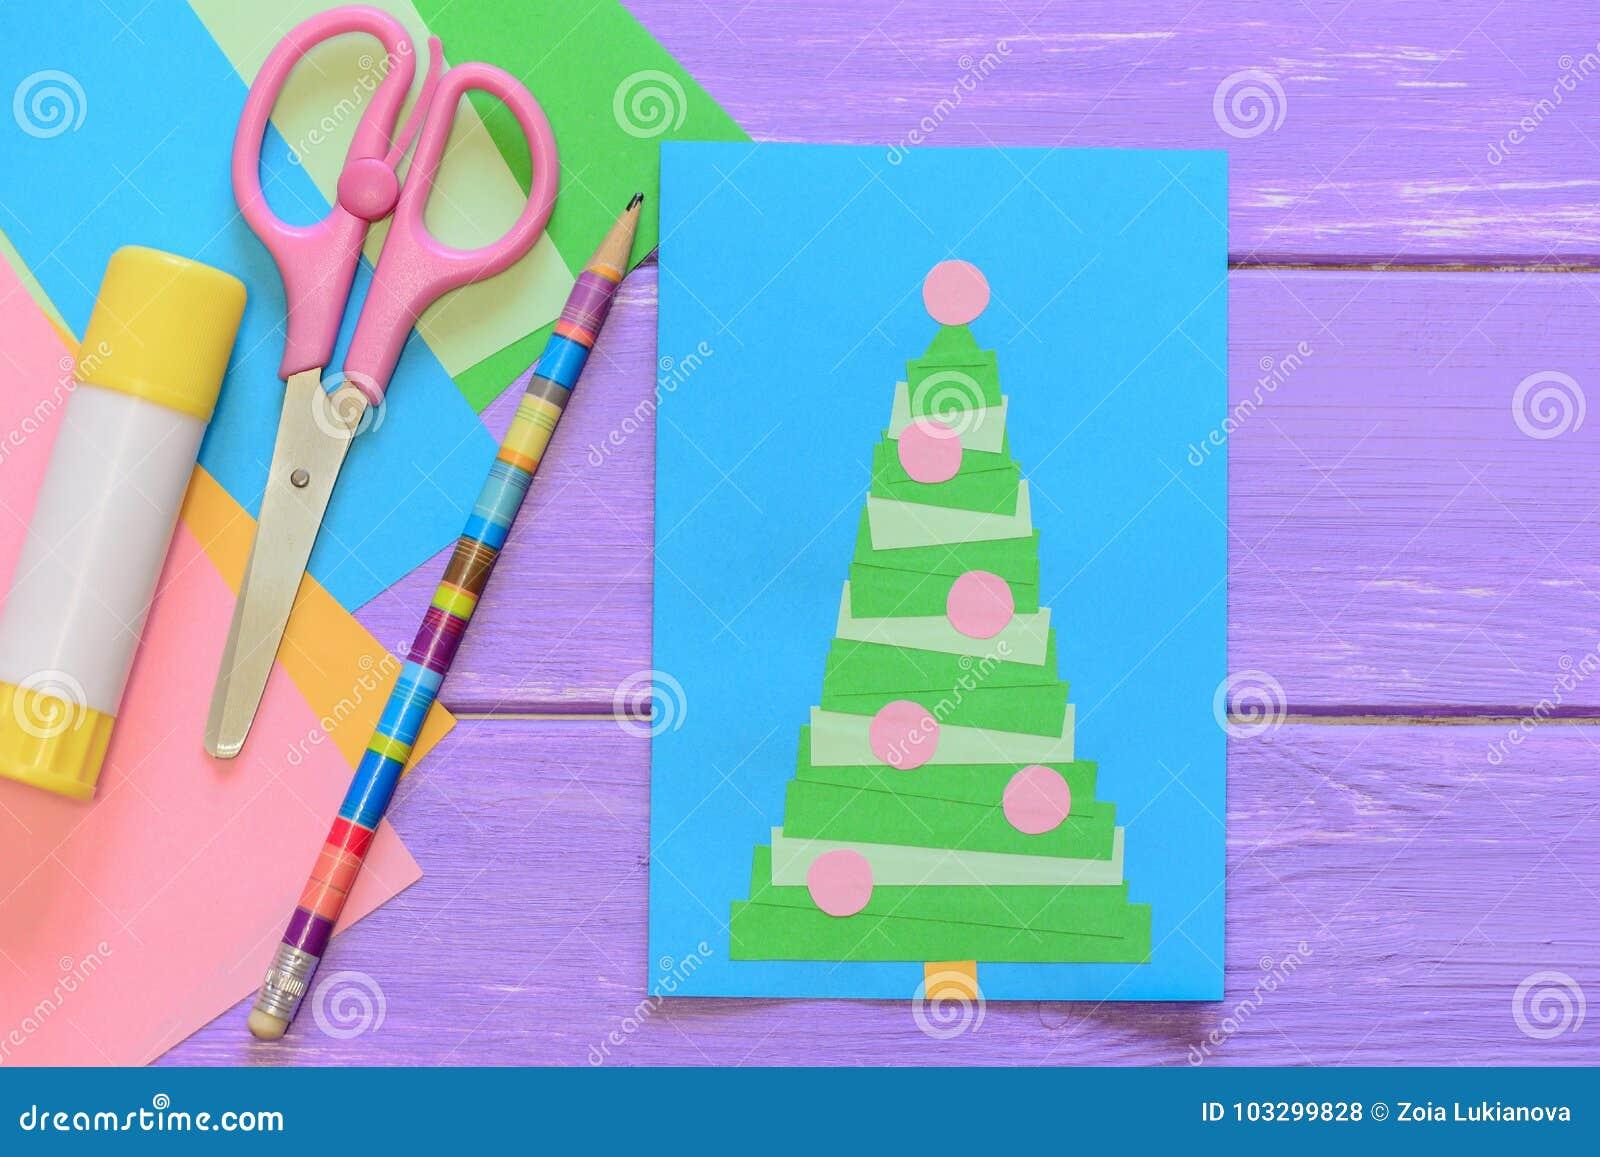 Easy Homemade Christmas Card, Scissors, Glue Stick, Pencil, Colored ...